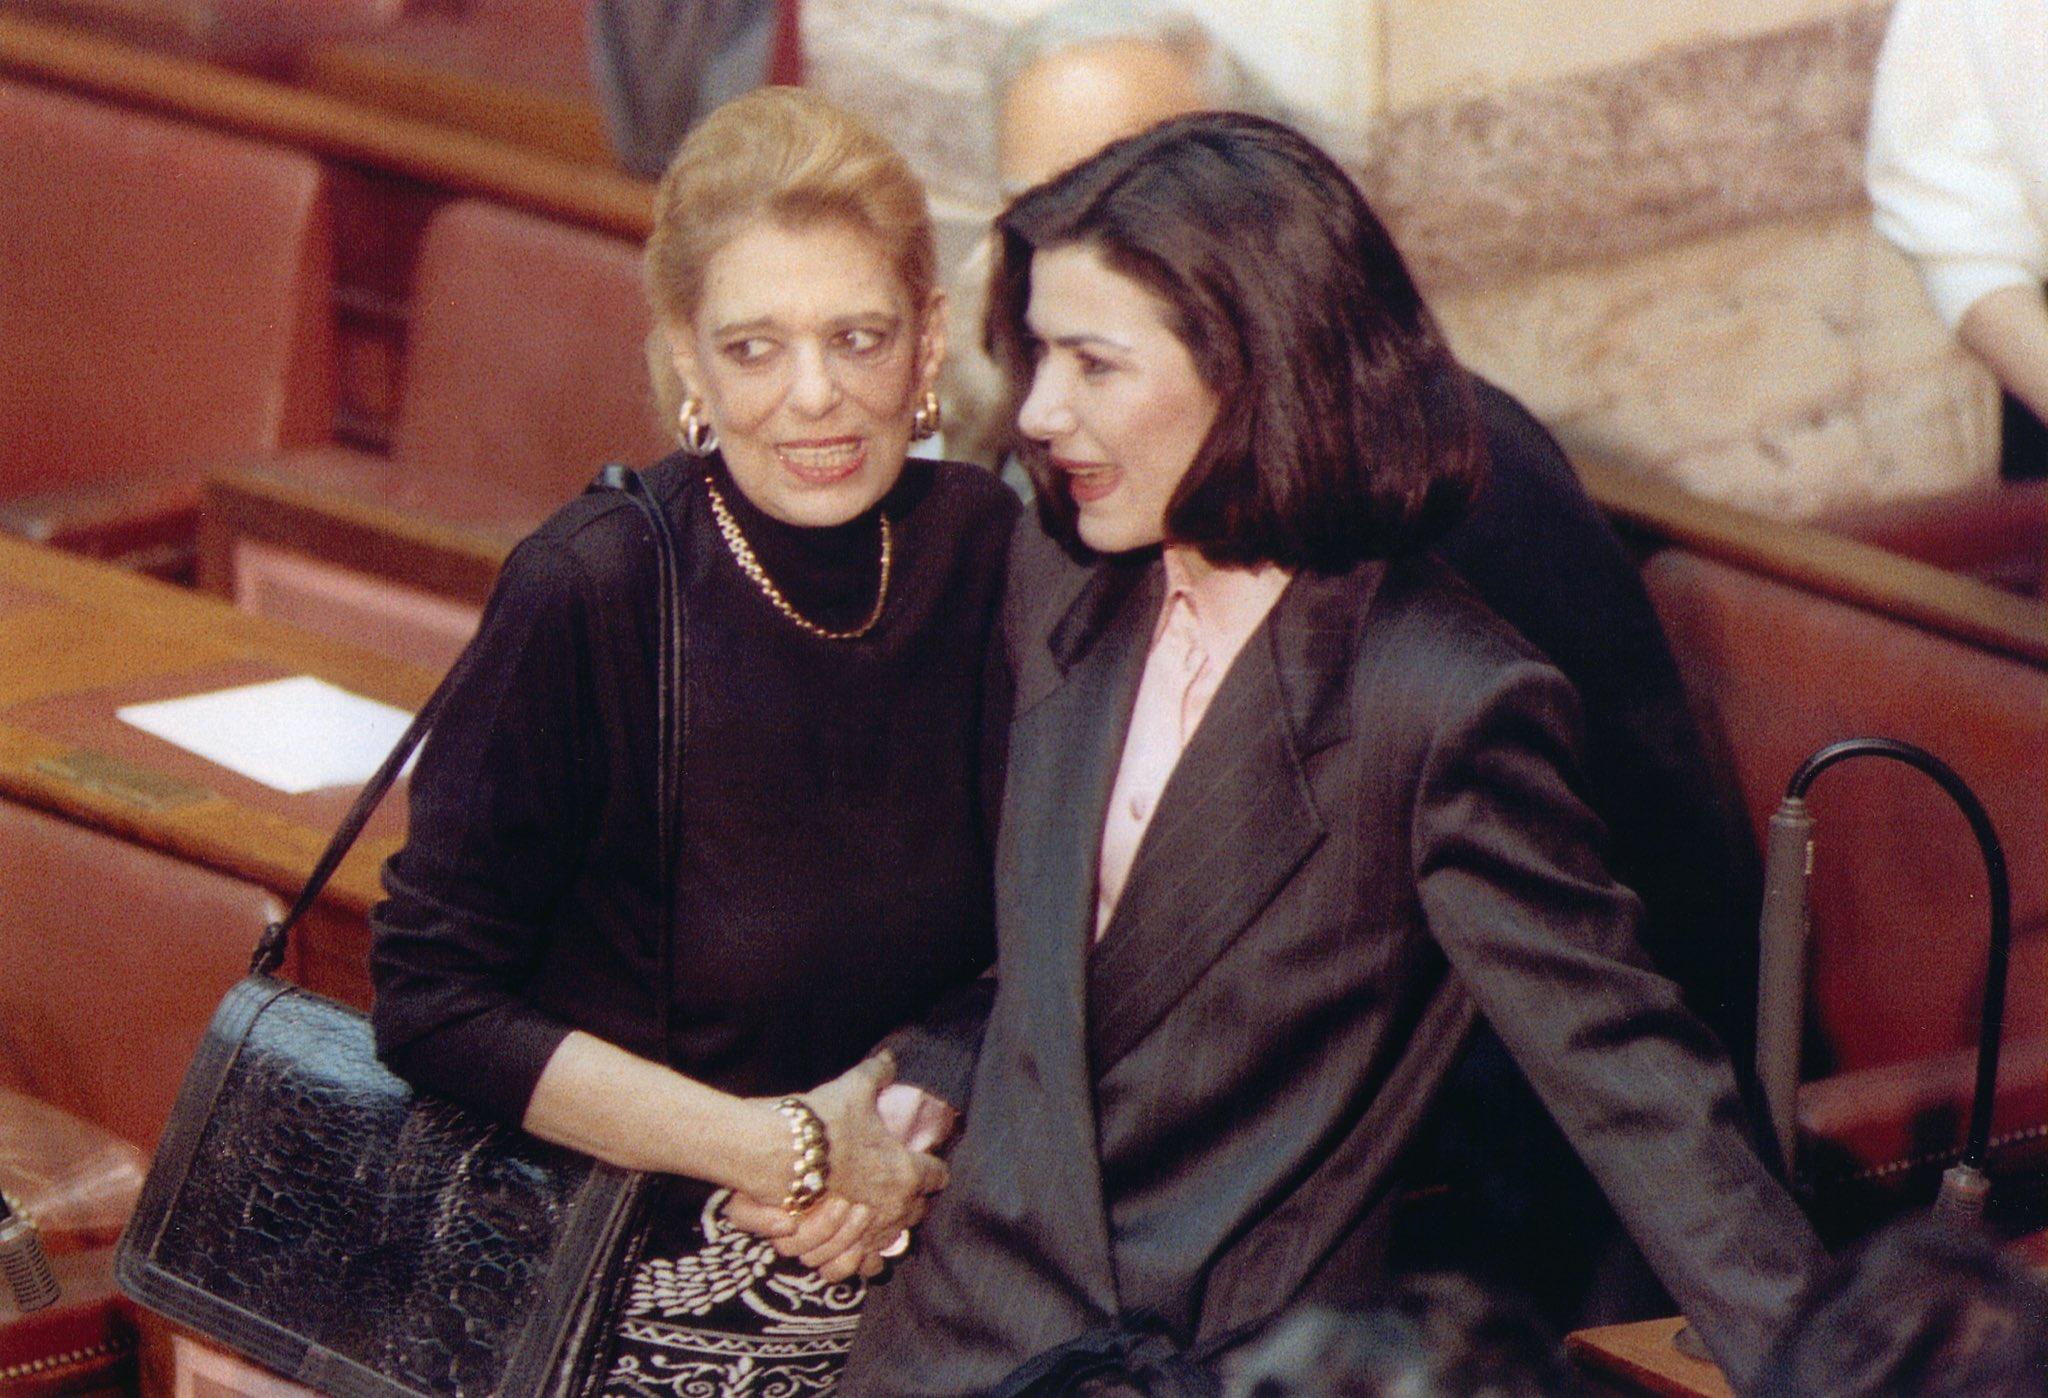 Η Μελίνα Μερκούρη ήταν και θα είναι το σύμβολο της ανεπιτήδευτης αγάπης για την Ελλάδα